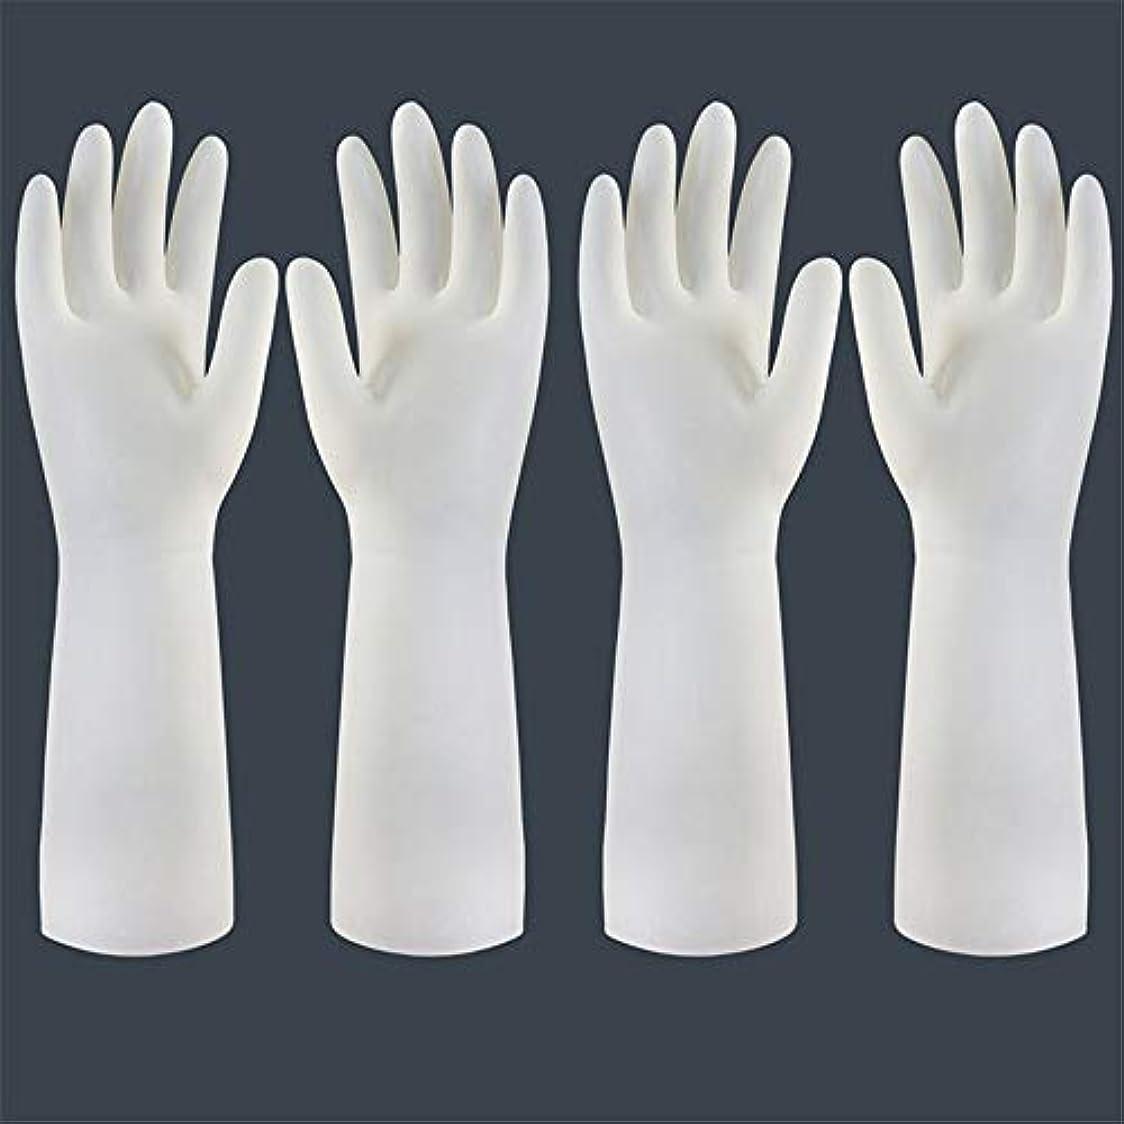 スチュワード老人シュガー使い捨て手袋 使い捨て手袋の防水および耐久のゴム製台所手袋、小/中/大 ニトリルゴム手袋 (Color : Long-2 pair, Size : S)